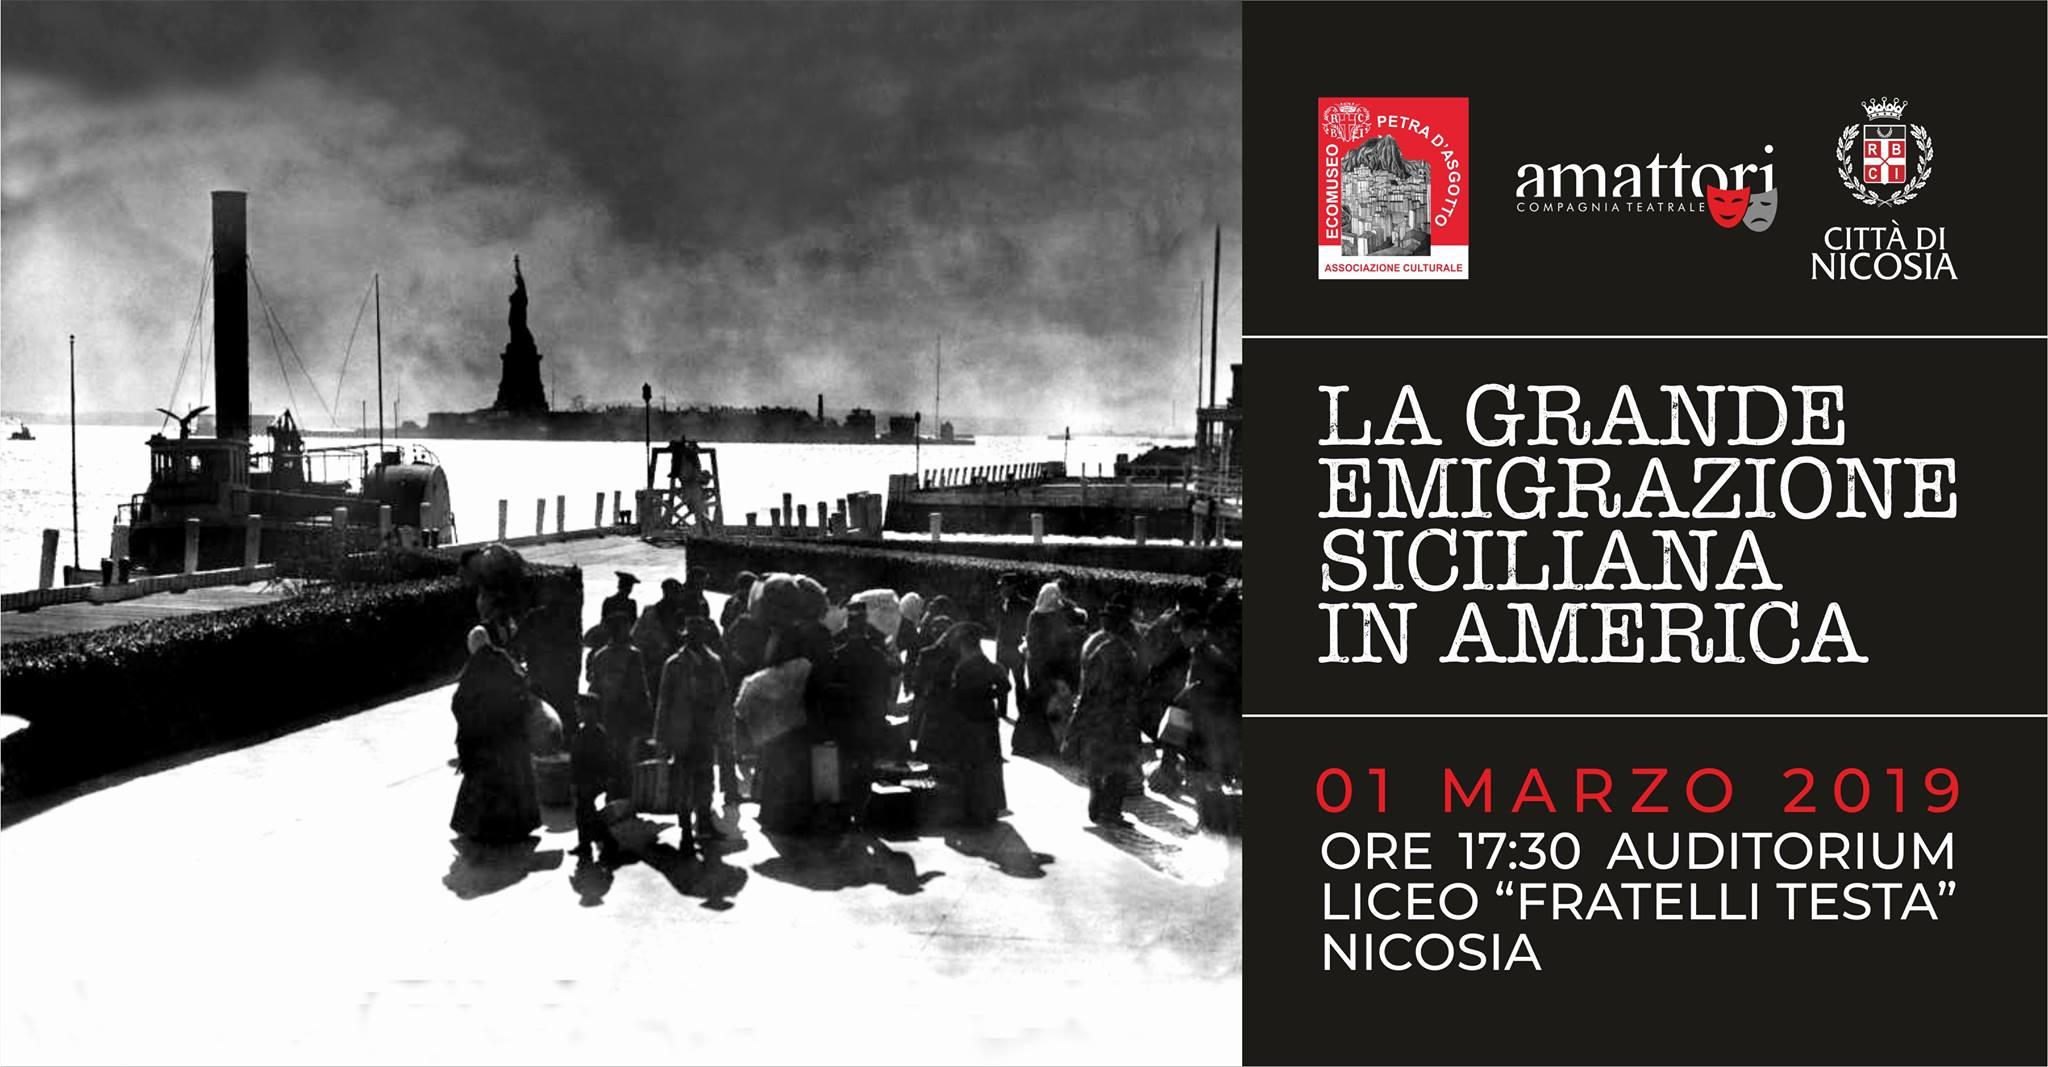 la grande migrazione siciliana in america.jpg